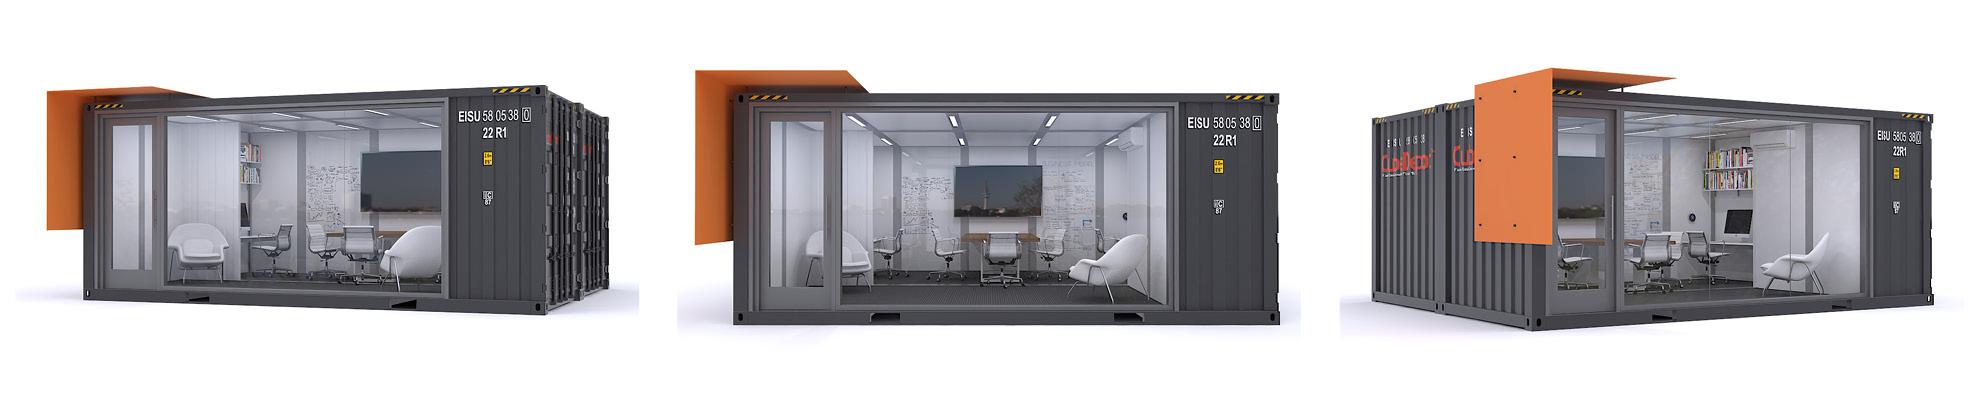 Cargo Container Based Architecture | AB design studio